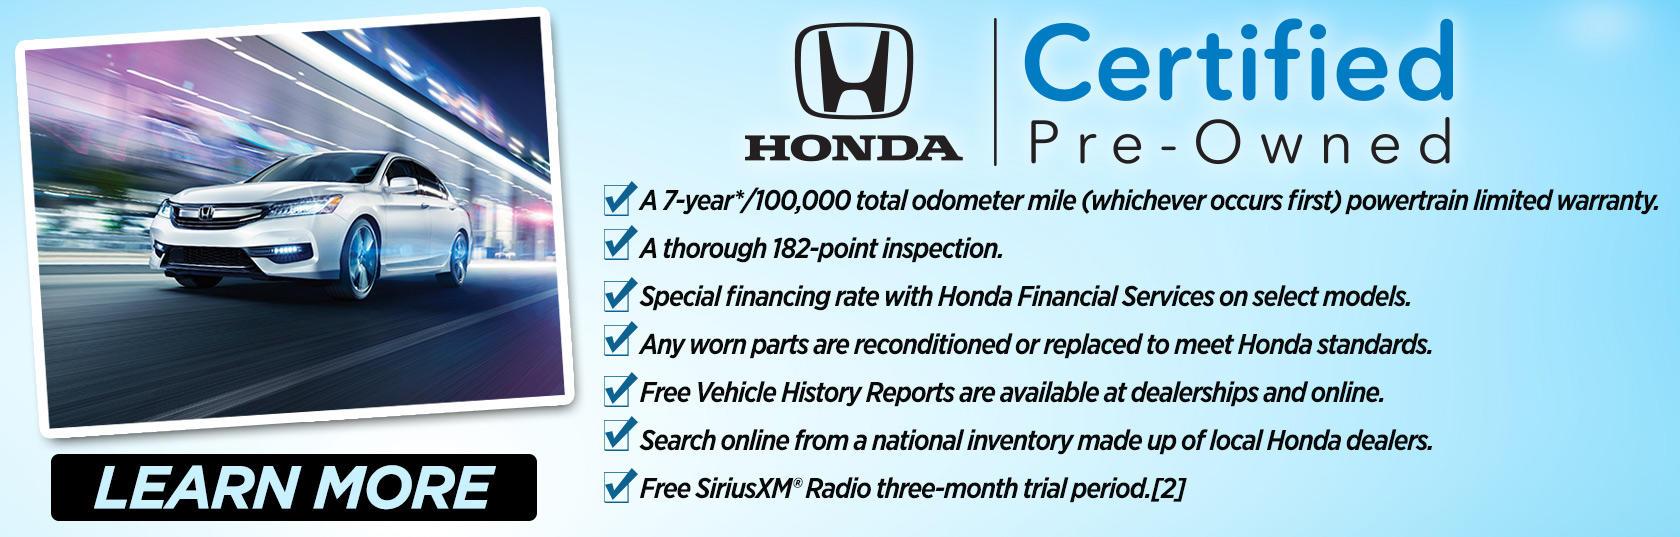 Why Buy Deacon Jones Honda Certified Pre Owned Vehicle?